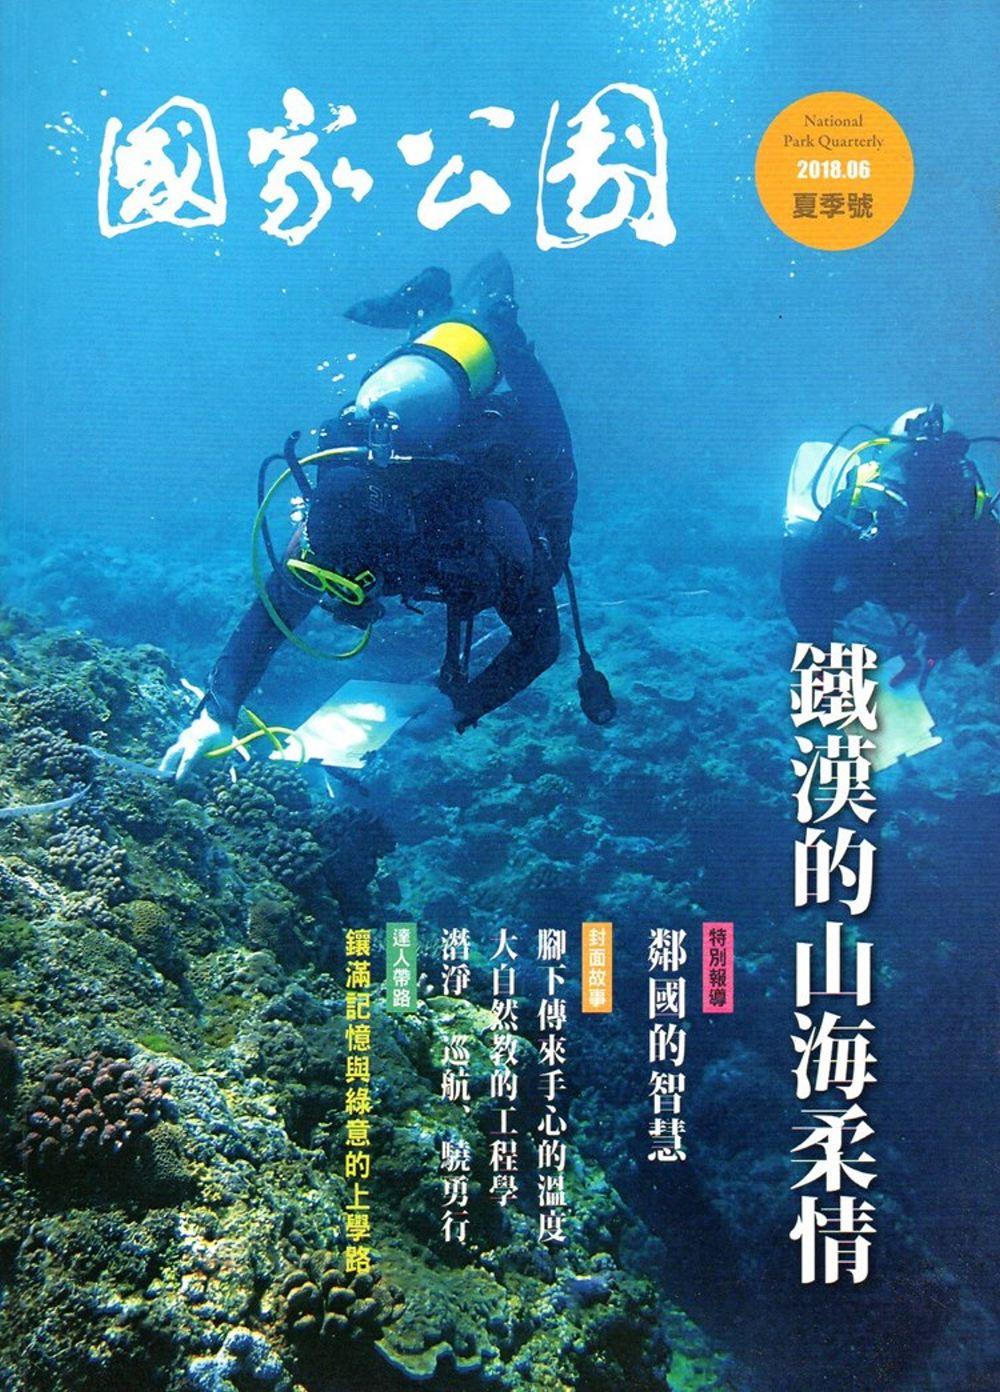 國家公園季刊2018第2季(2018/06)